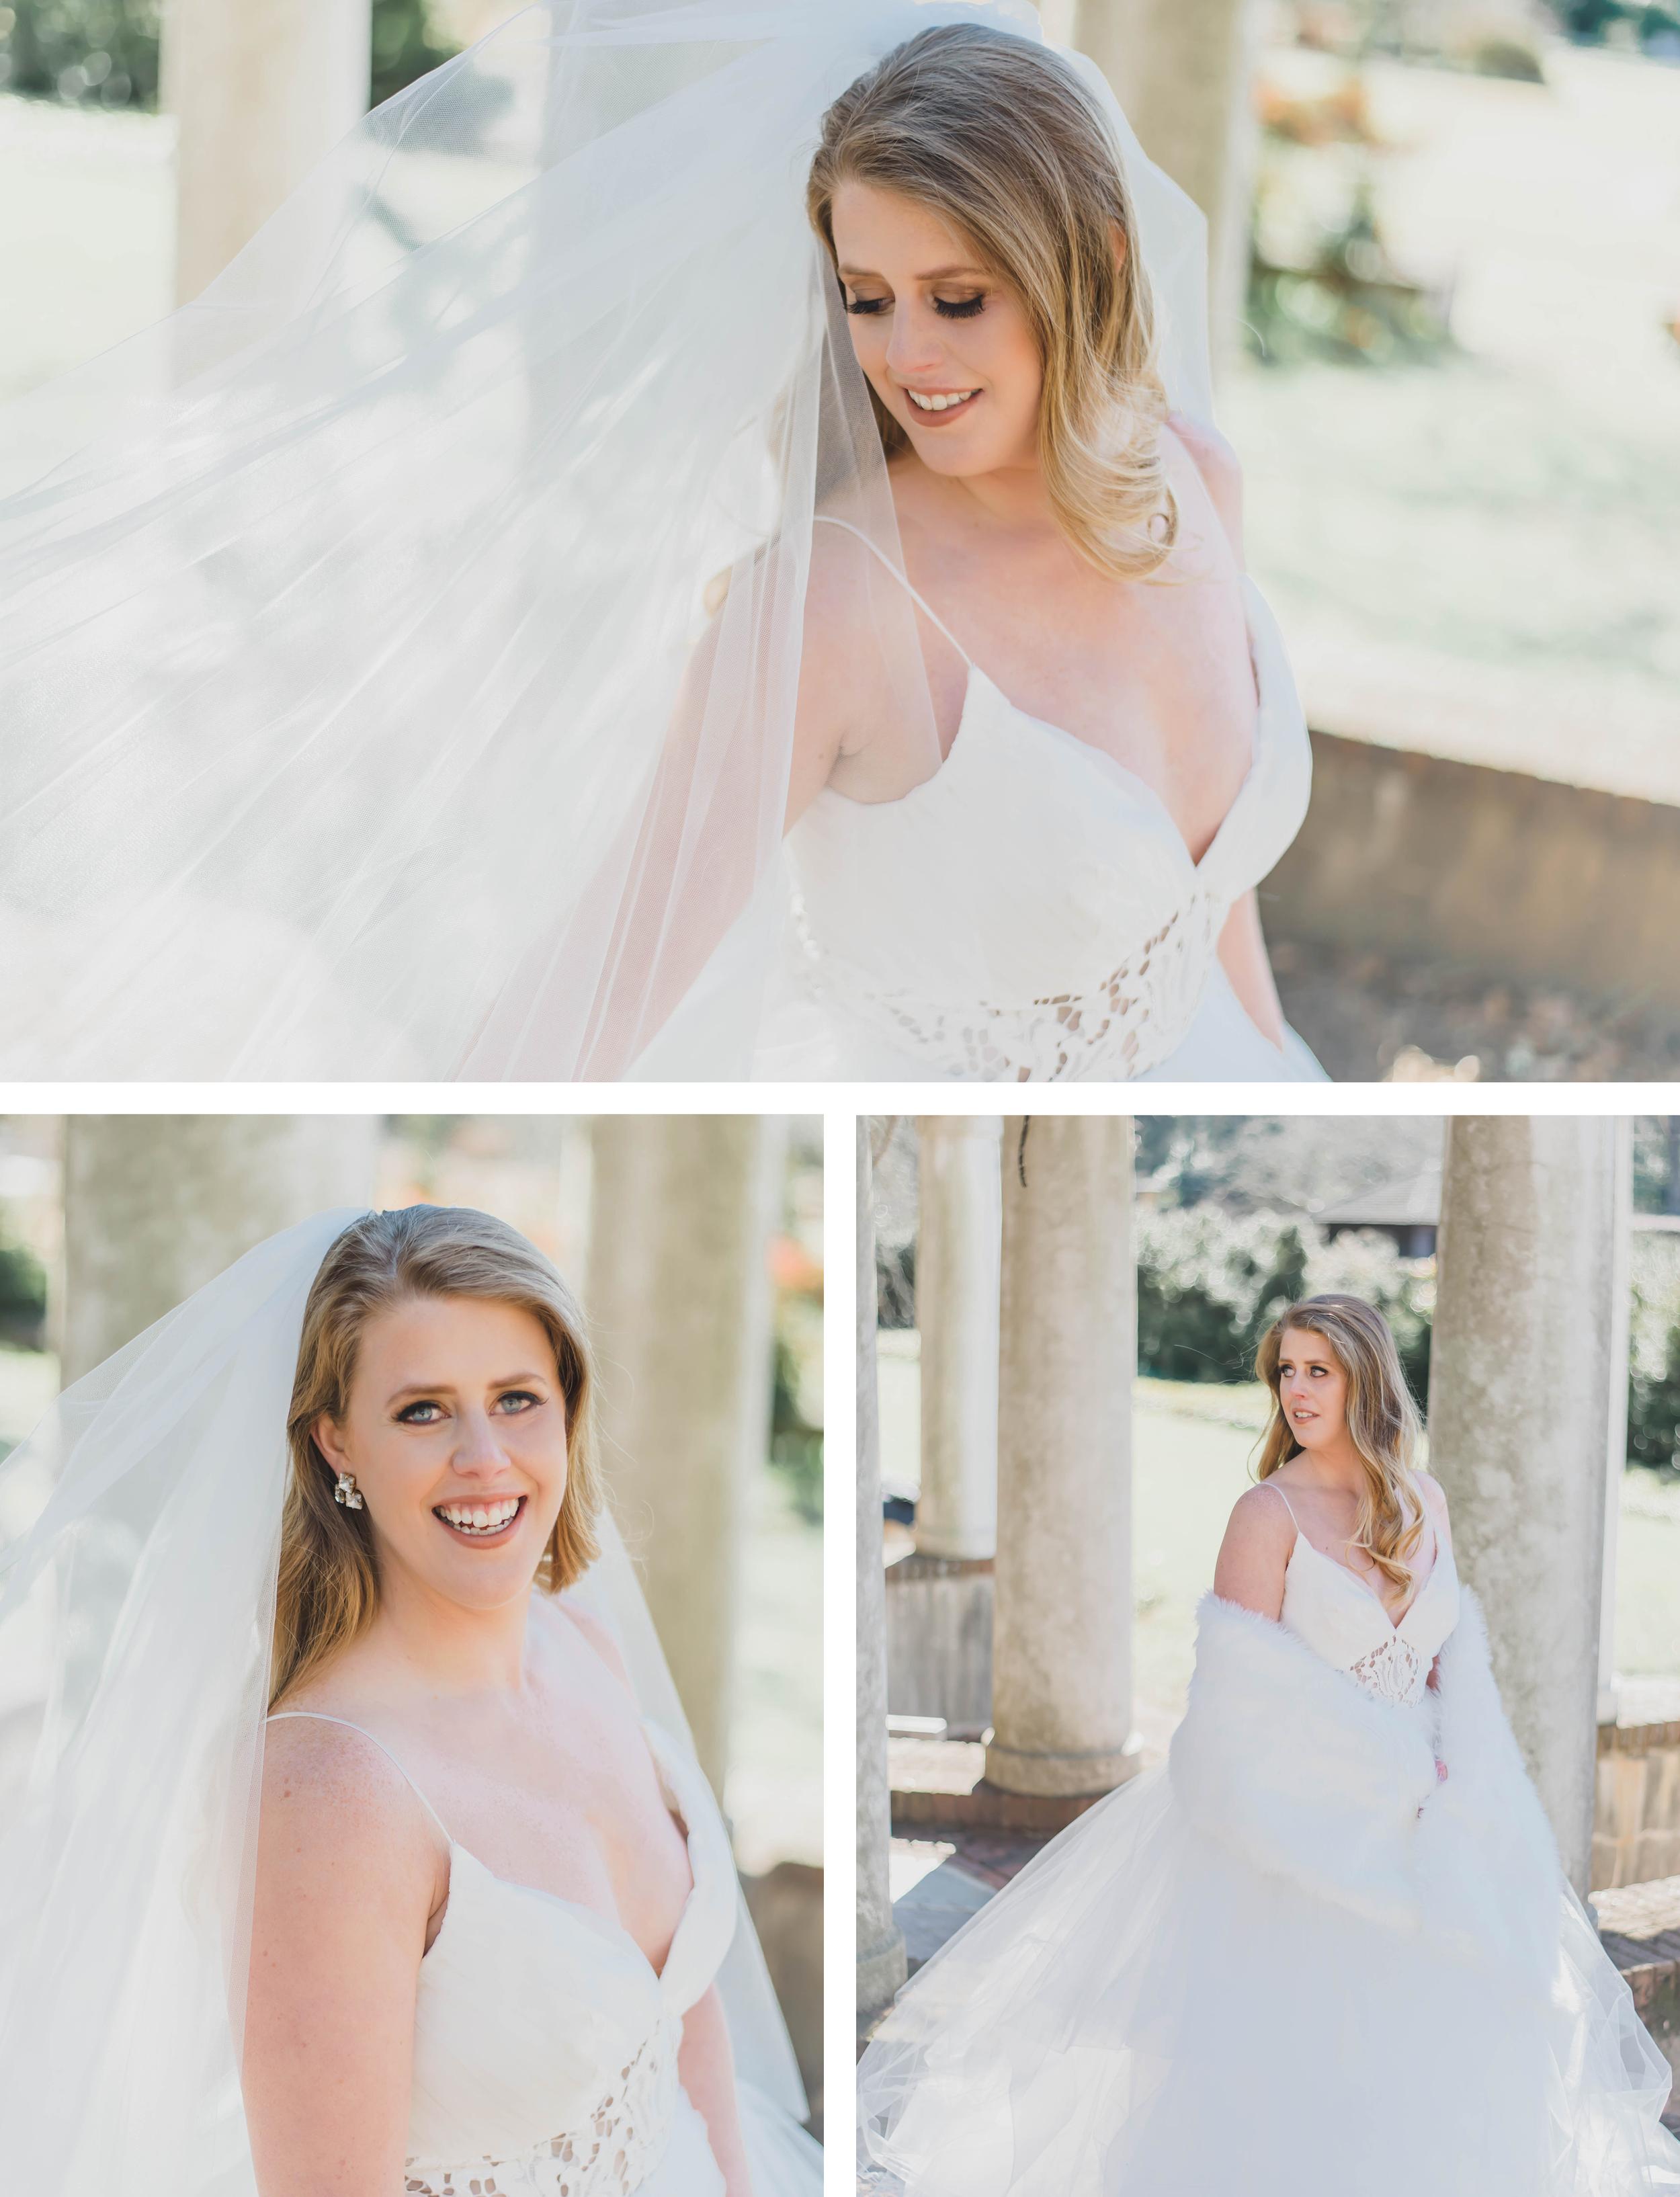 Lindsay_Bridal Portraits_3.png